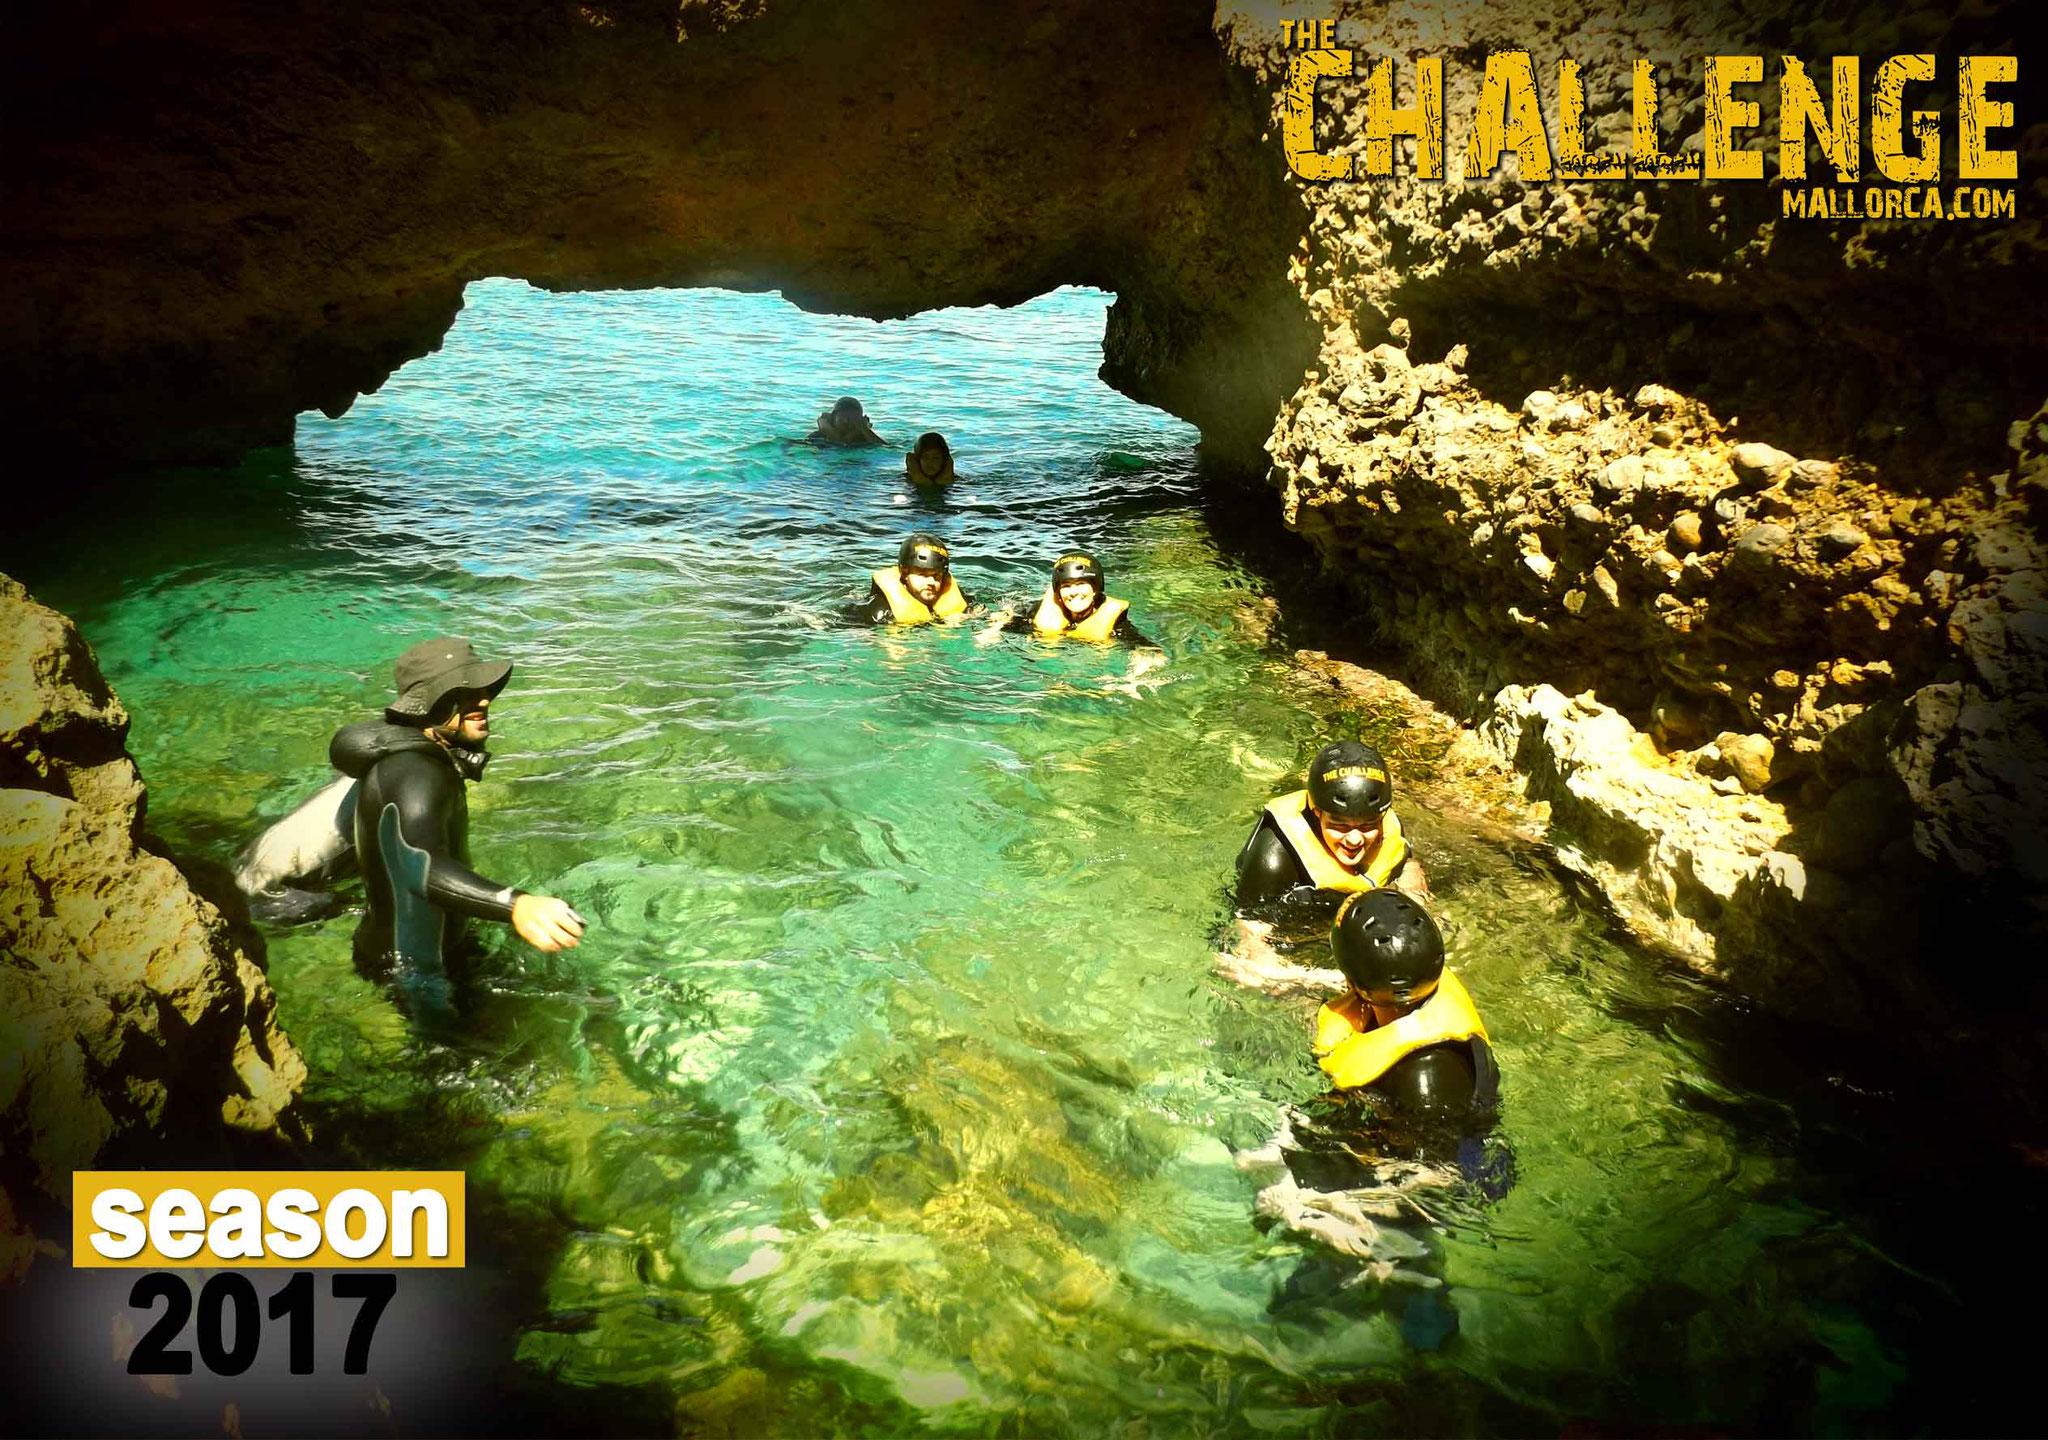 Outdoor activities in Mallorca The Challenge Mallorca